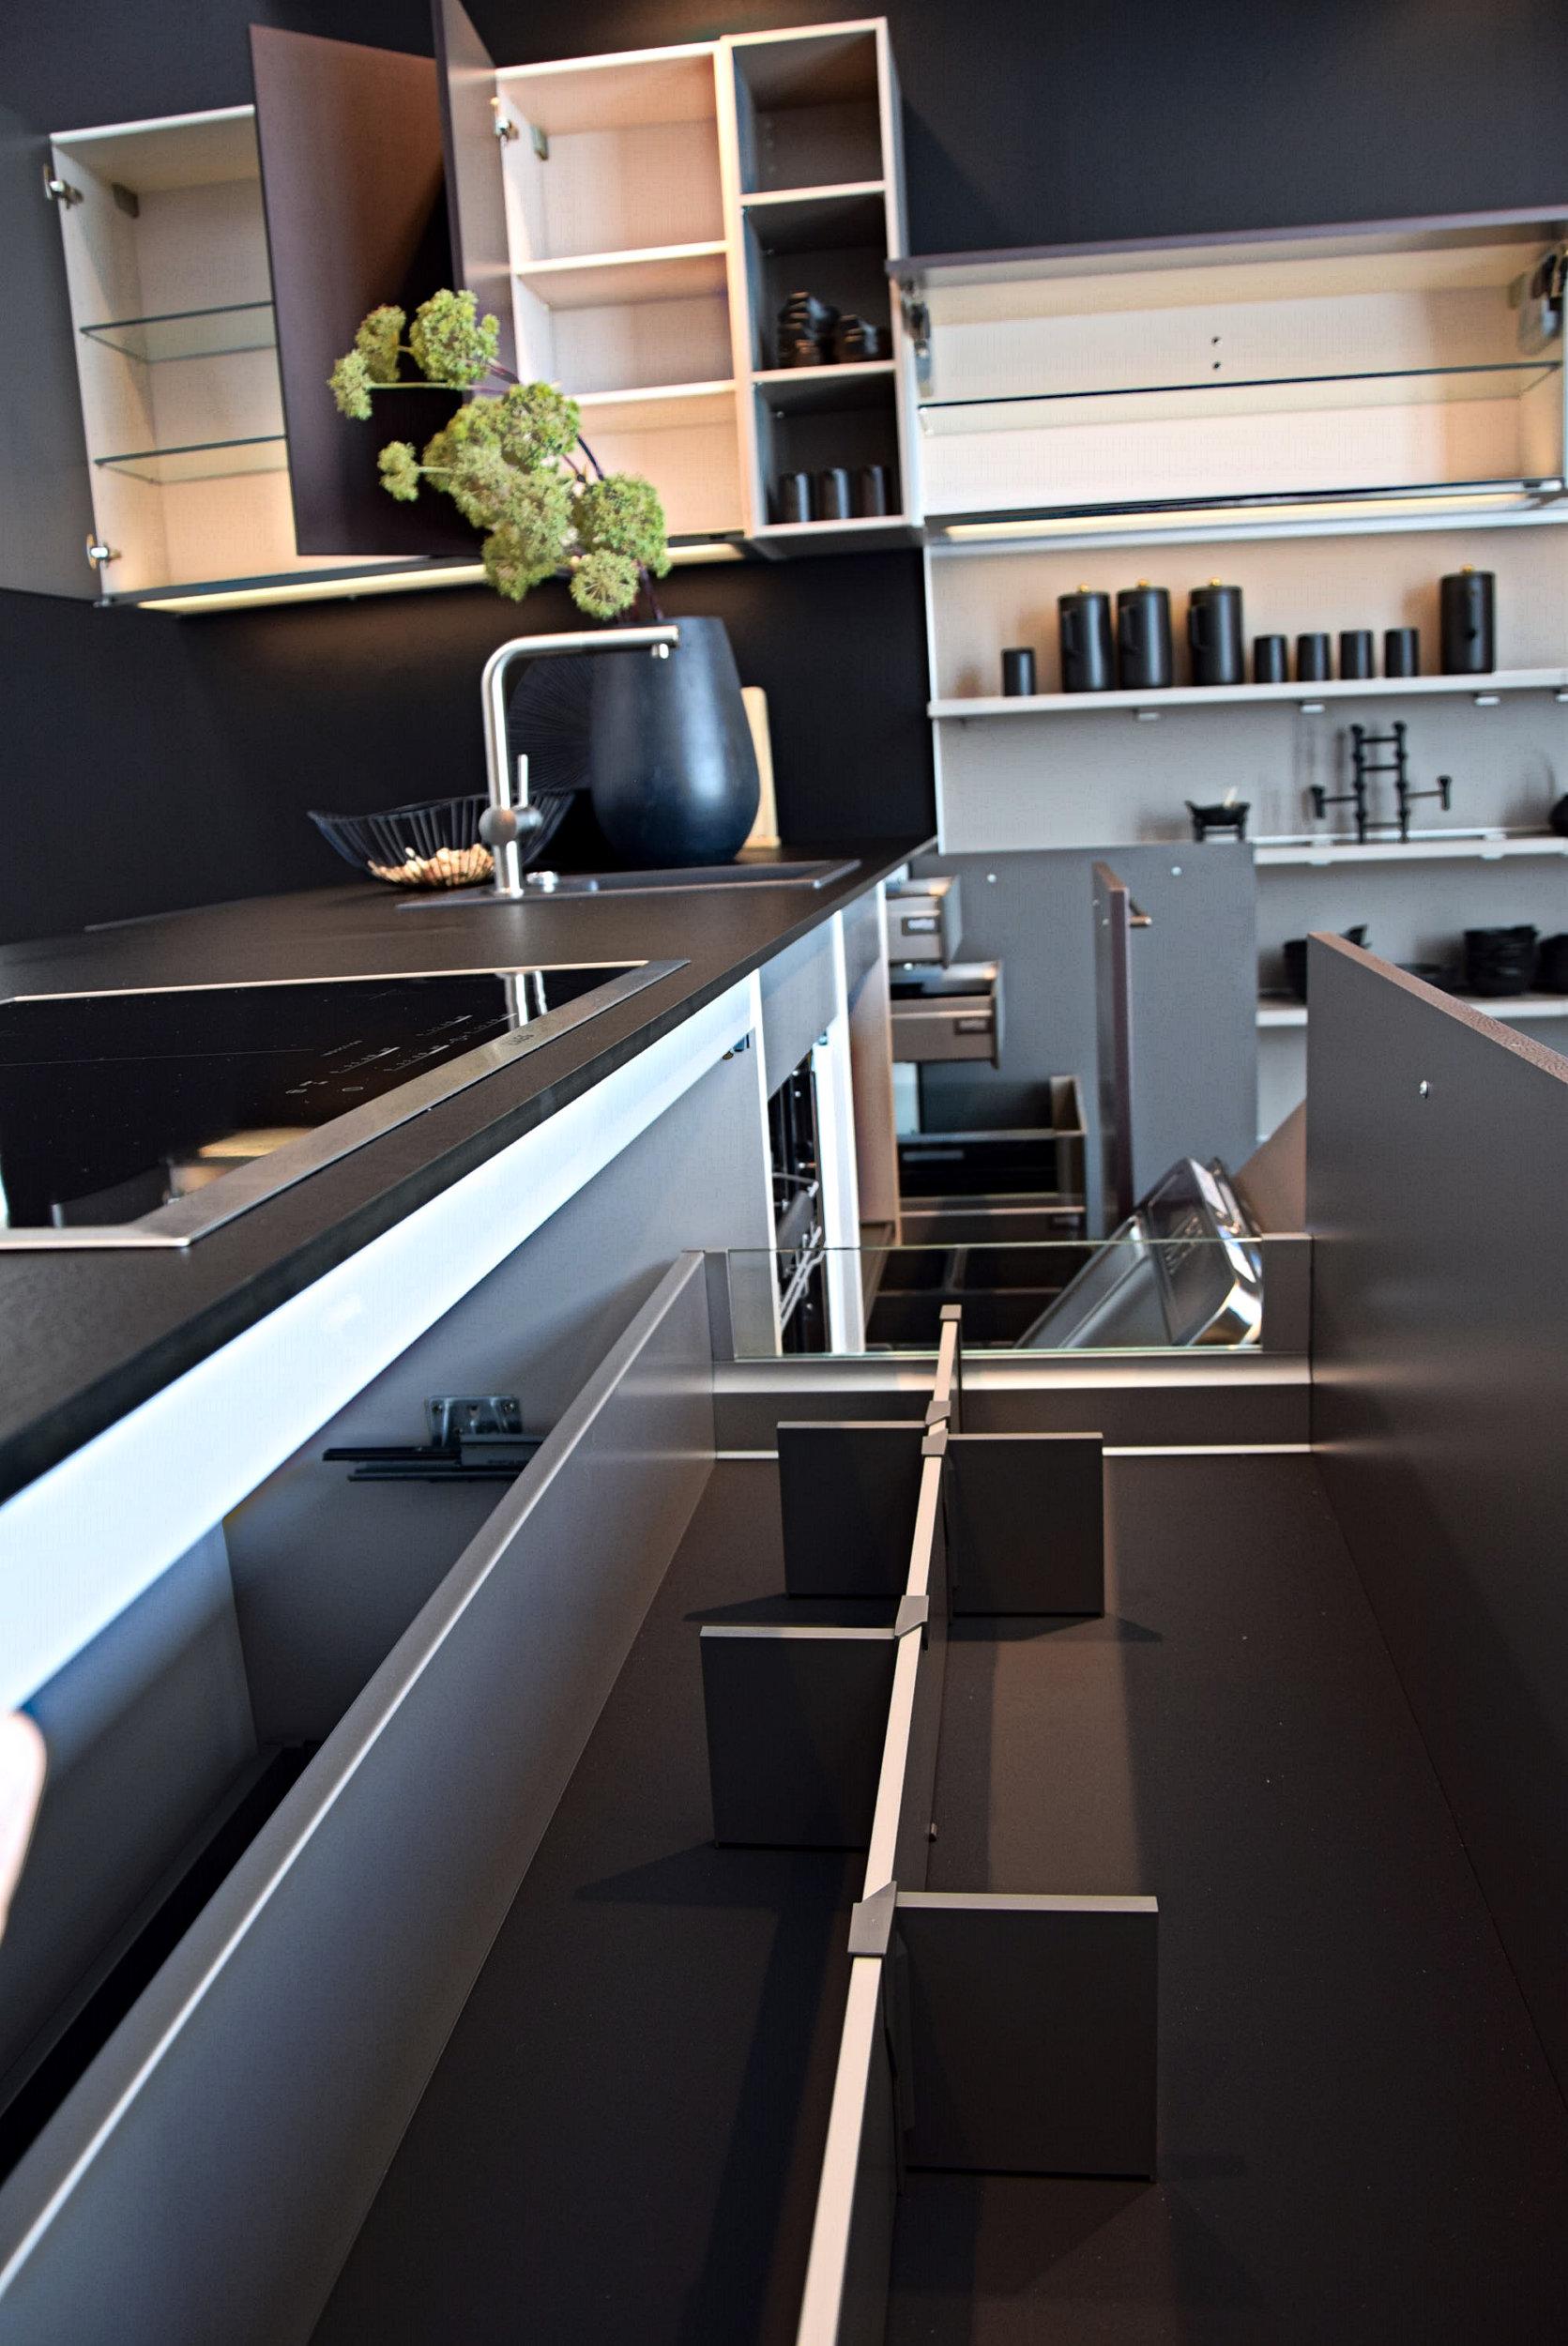 Full Size of Küche Nolte Oder Nobilia Weiße Hochglanz Küche Nolte Küche Nolte Zement Küche Nolte Betonoptik Küche Küche Nolte